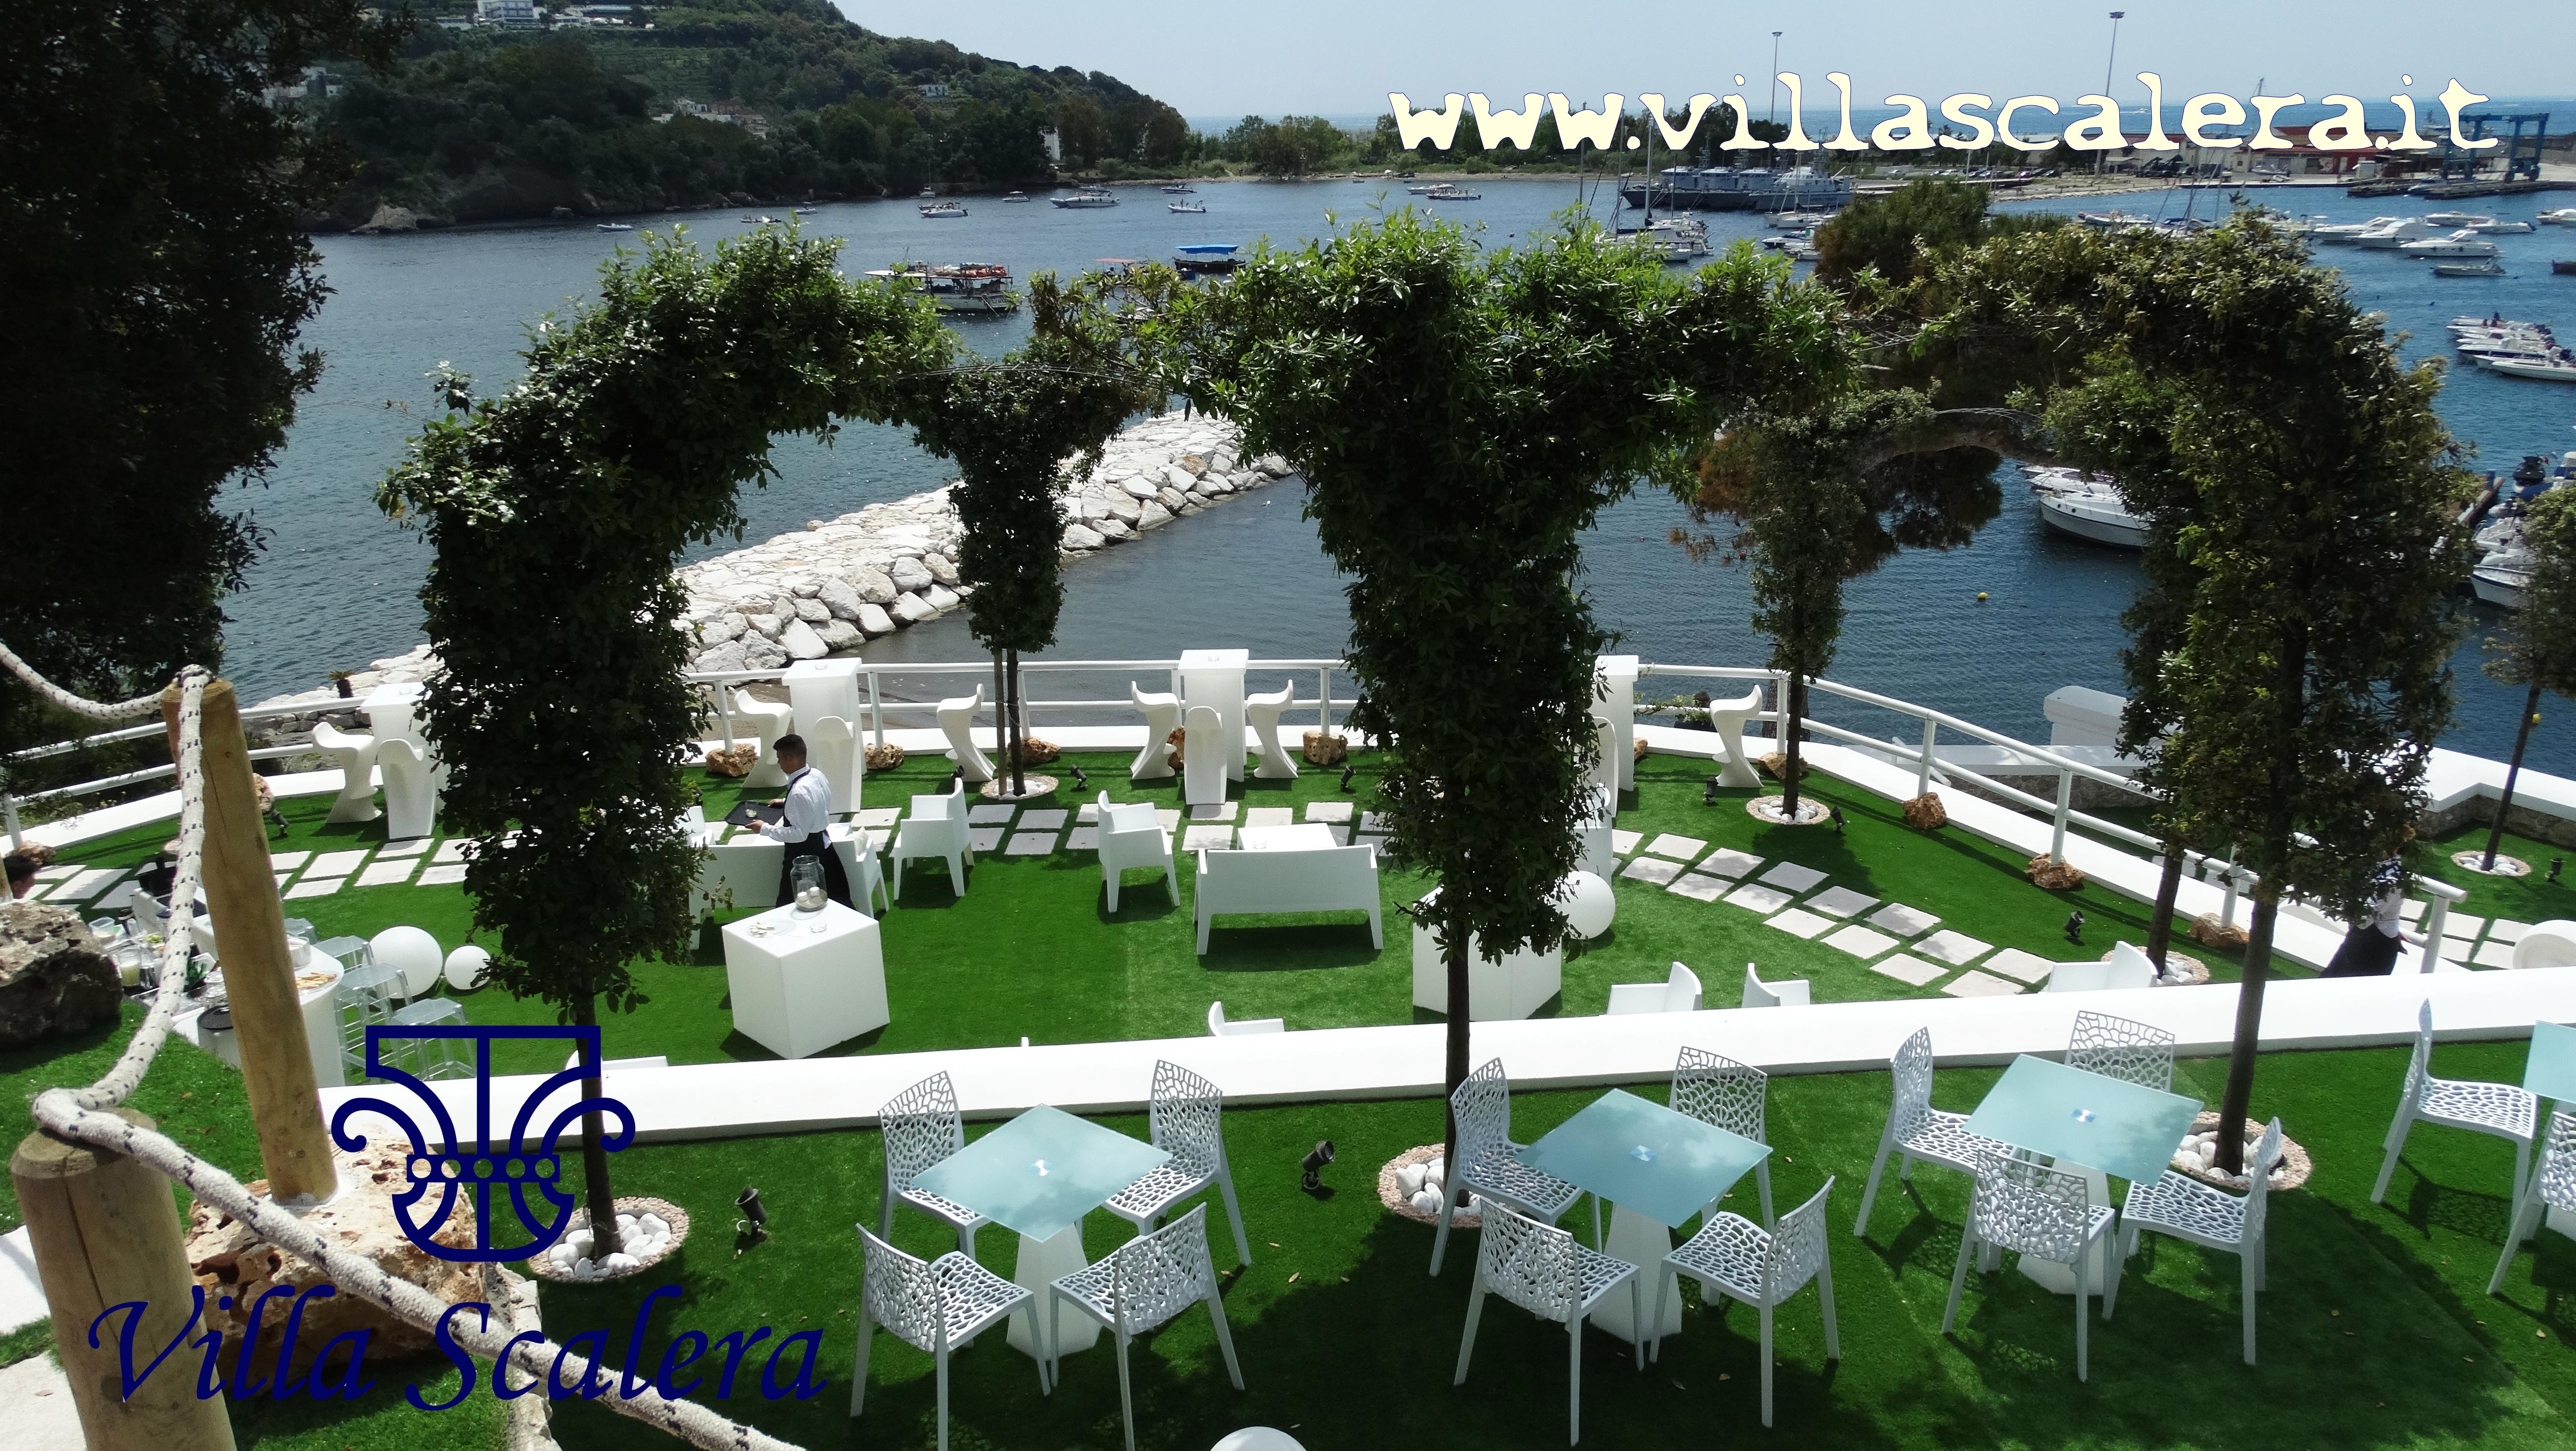 Matrimonio Spiaggia Bacoli : Aperitivo al matrimonio villa scalera